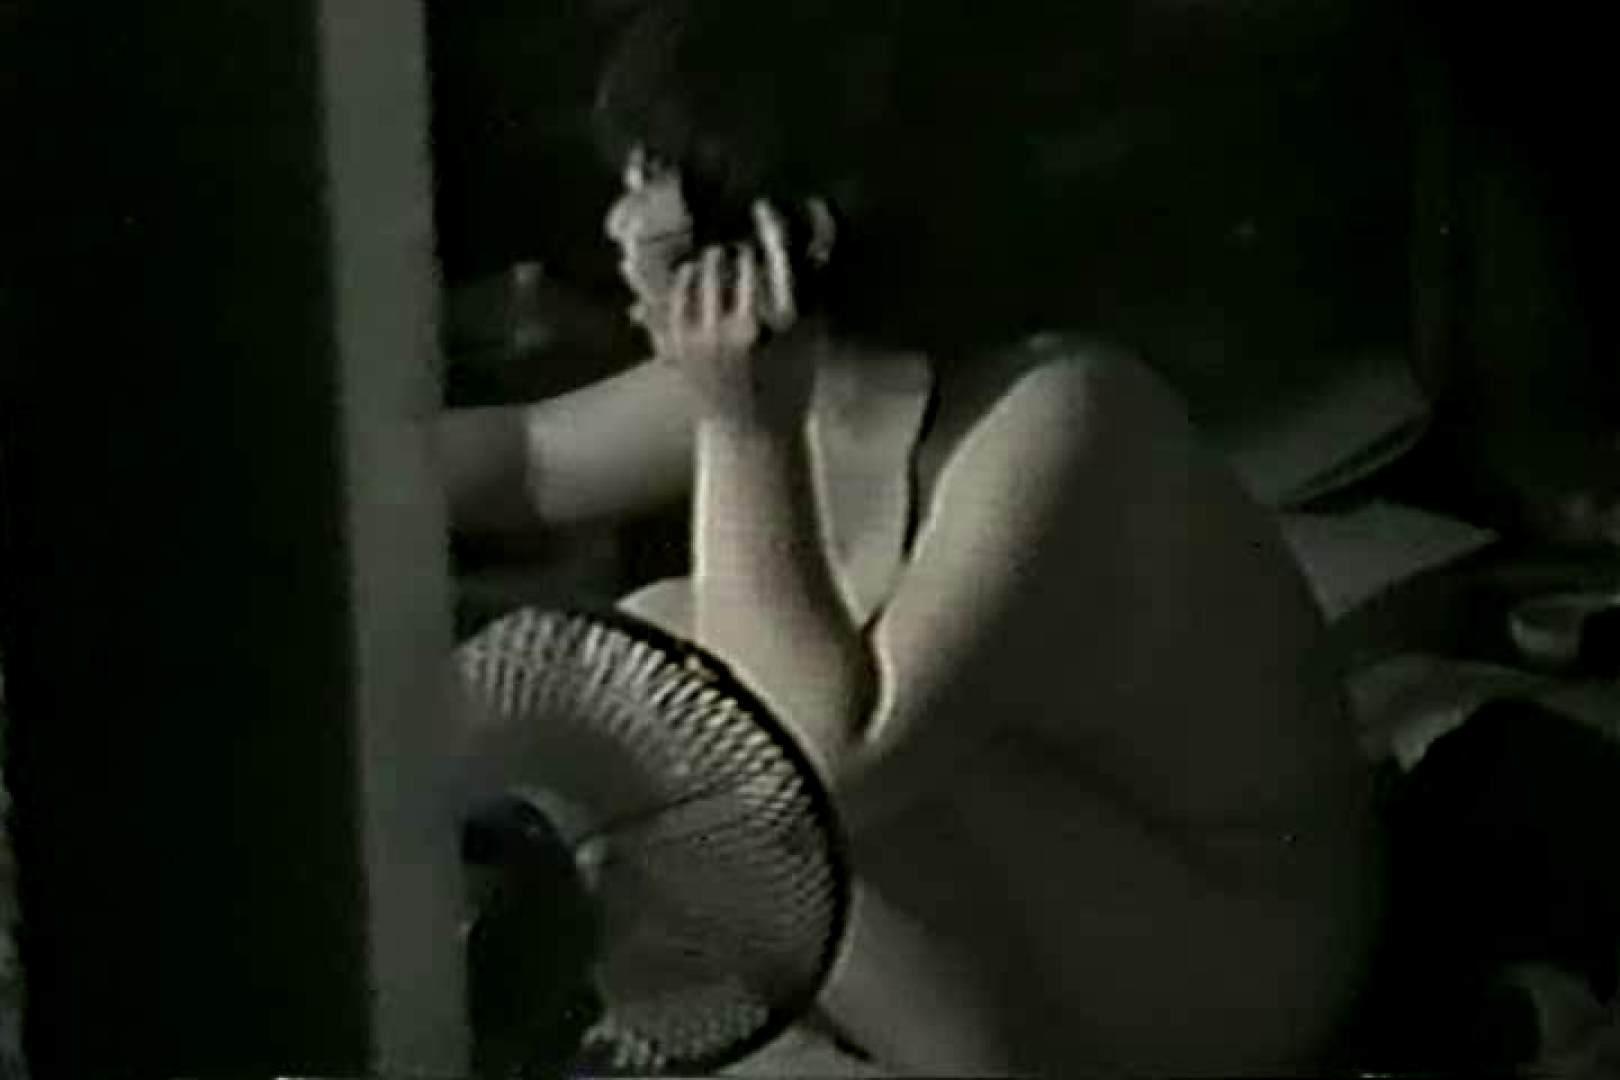 深夜の撮影会Vol.6 オナニーする女性たち 盗撮AV動画キャプチャ 88画像 13